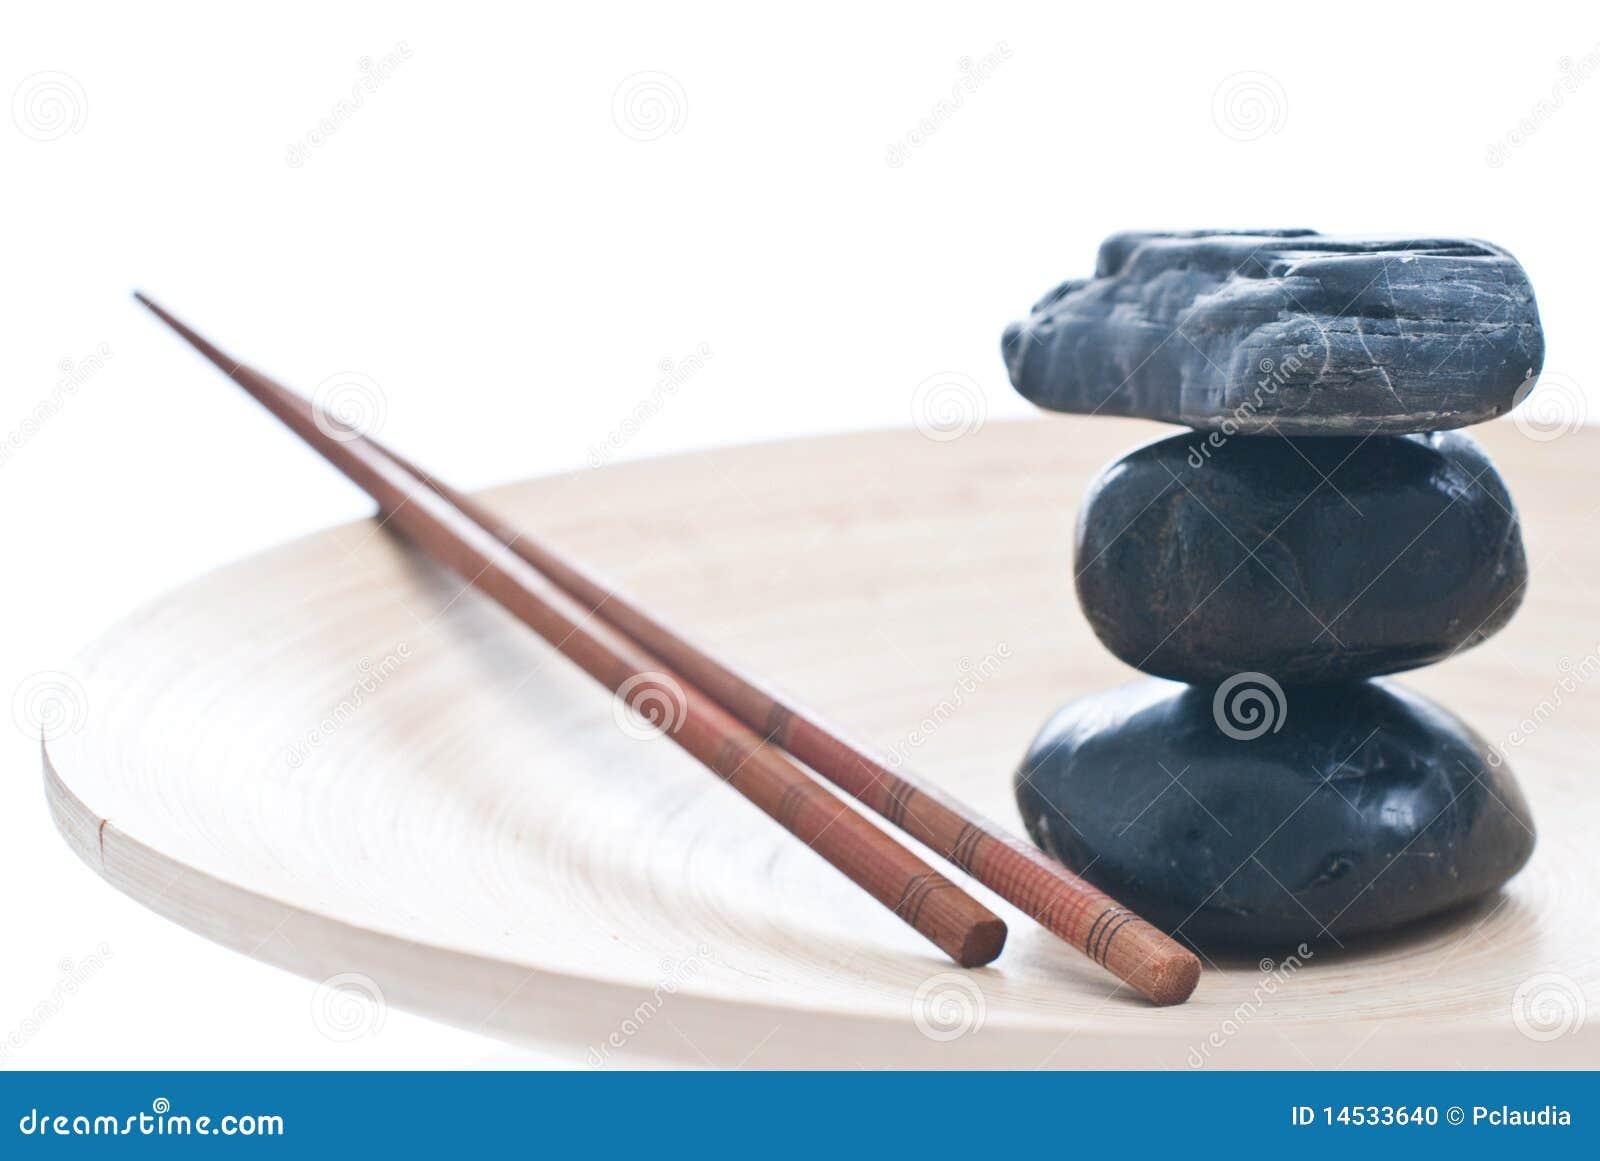 Zen attitude stock photo image 14533640 - Salon toilettage zen attitude ...